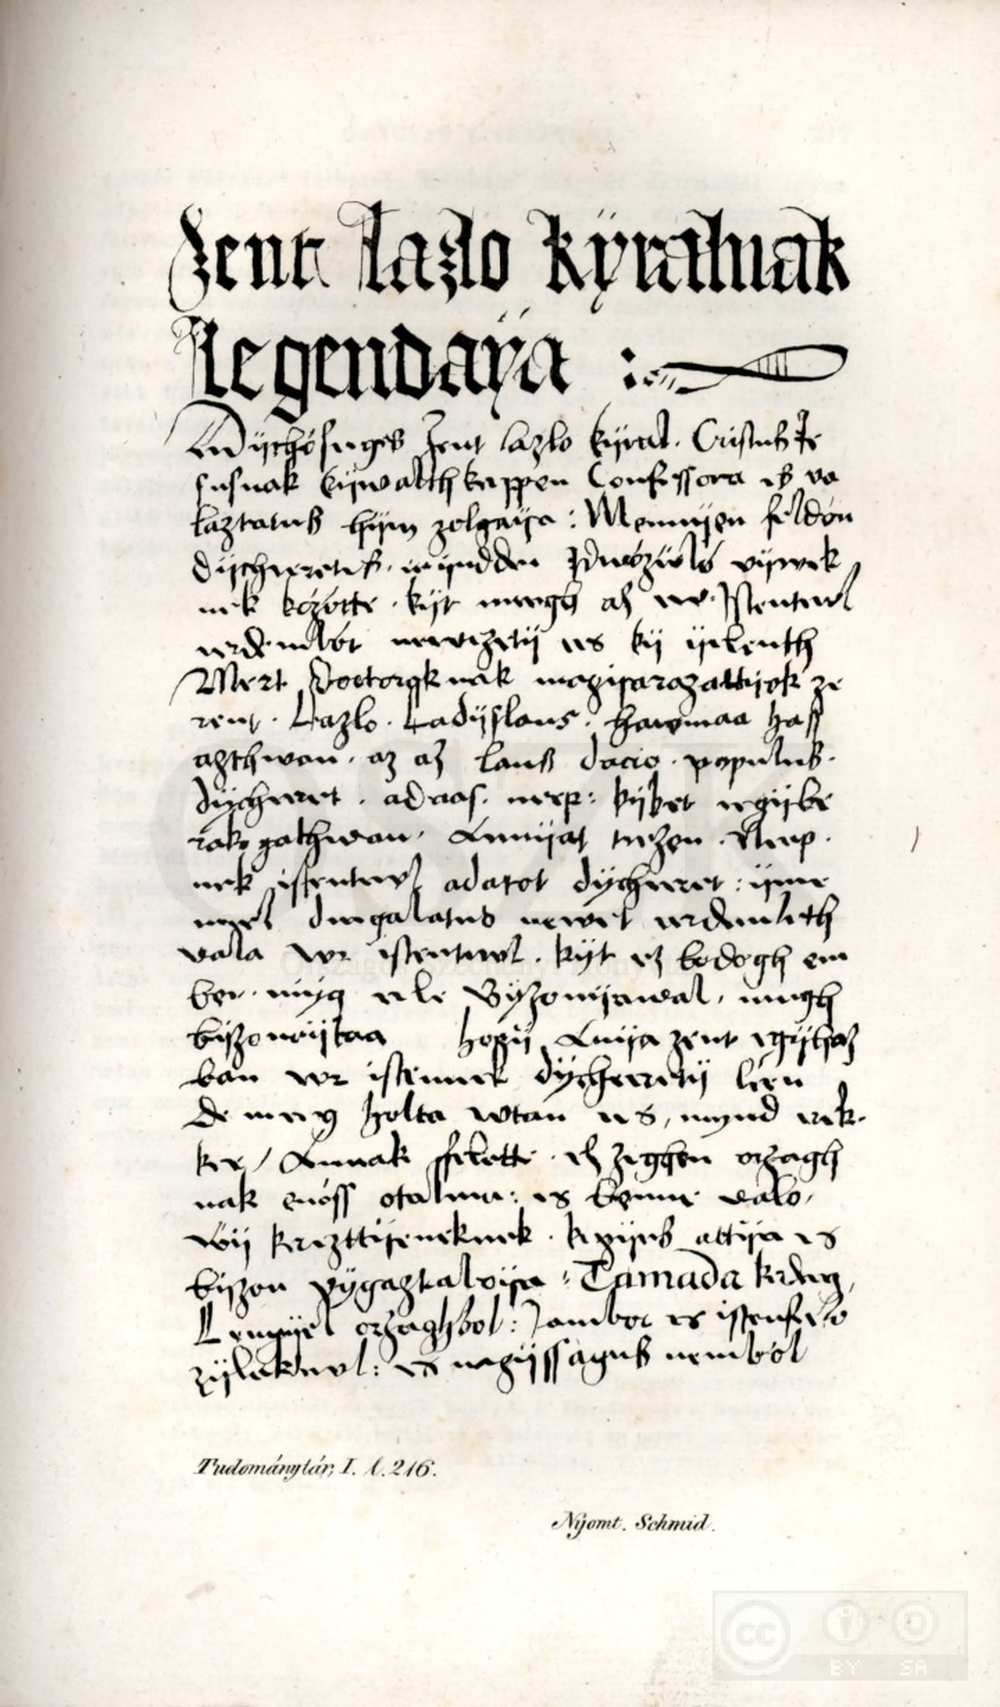 Érdy János ismertetője a később róla elnevezett nyelvemlékkódexről. Luczenbacher János: A' nagyszombati codex, 1490–1527. In. Tudománytár, 1834/1, 216–234. – Elektronikus Periodika Archívum http://www.epa.hu/02100/02198/00001/pdf/Tudomanytar_01_1834_216-234.pdf